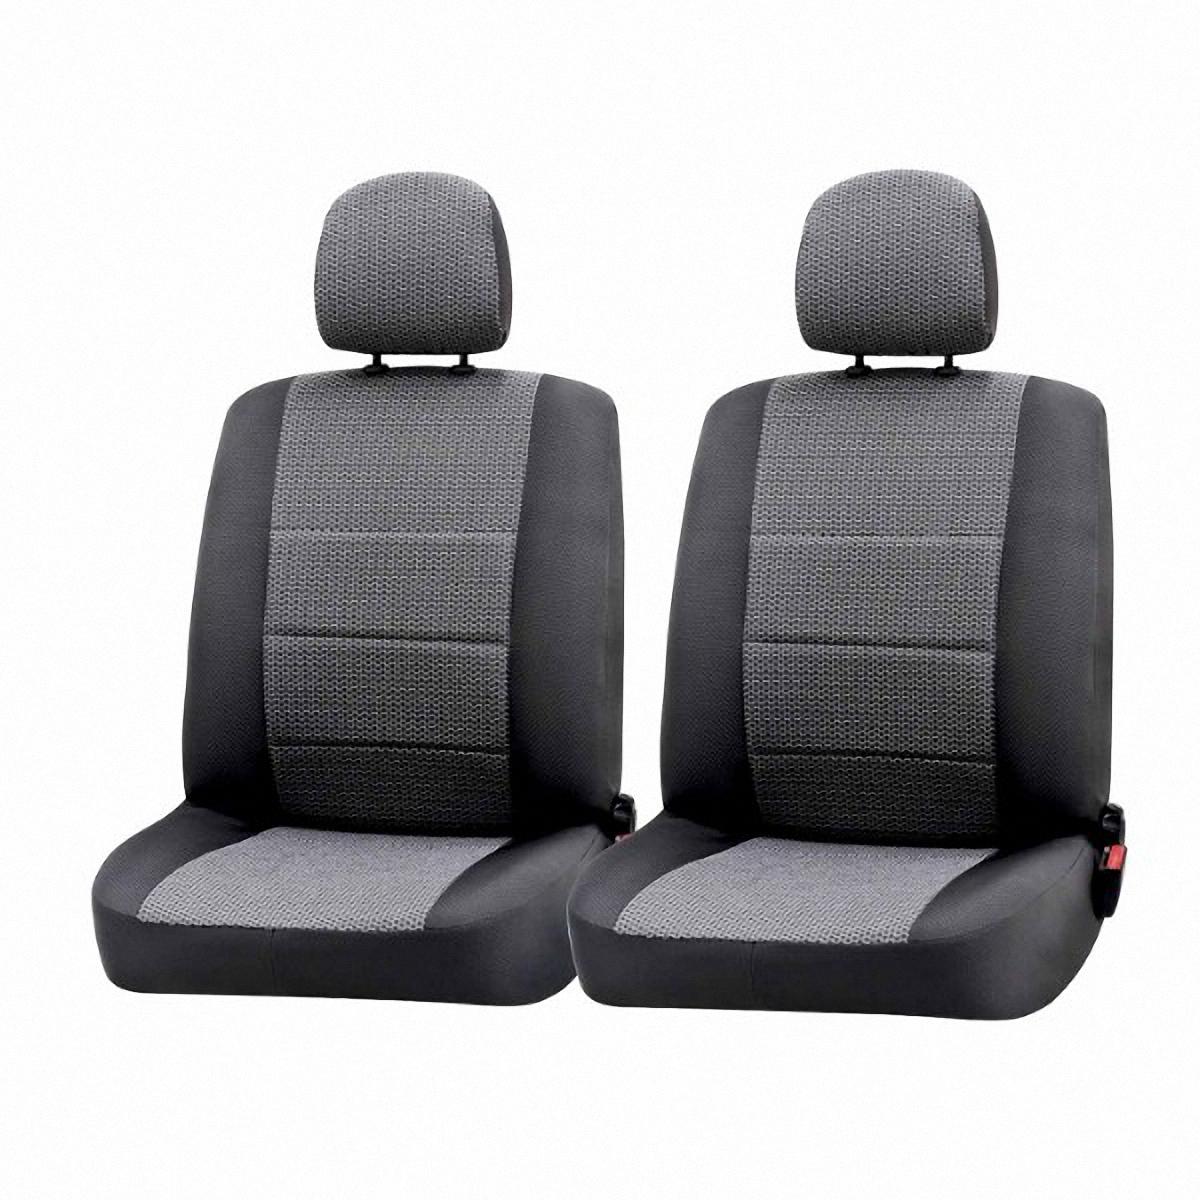 Чехлы автомобильные Skyway, для Lada Largus 2012-, 2-местныеV015/2-2Автомобильные чехлы Skyway изготовлены из качественного жаккарда. Чехлы идеально повторяют штатную форму сидений и выглядят как оригинальная обивка сидений. Разработаны индивидуально для каждой модели автомобиля. Авточехлы Skyway просты в уходе - загрязнения легко удаляются влажной тканью. Чехлы имеют раздельную схему надевания. В комплекте 6 предметов.